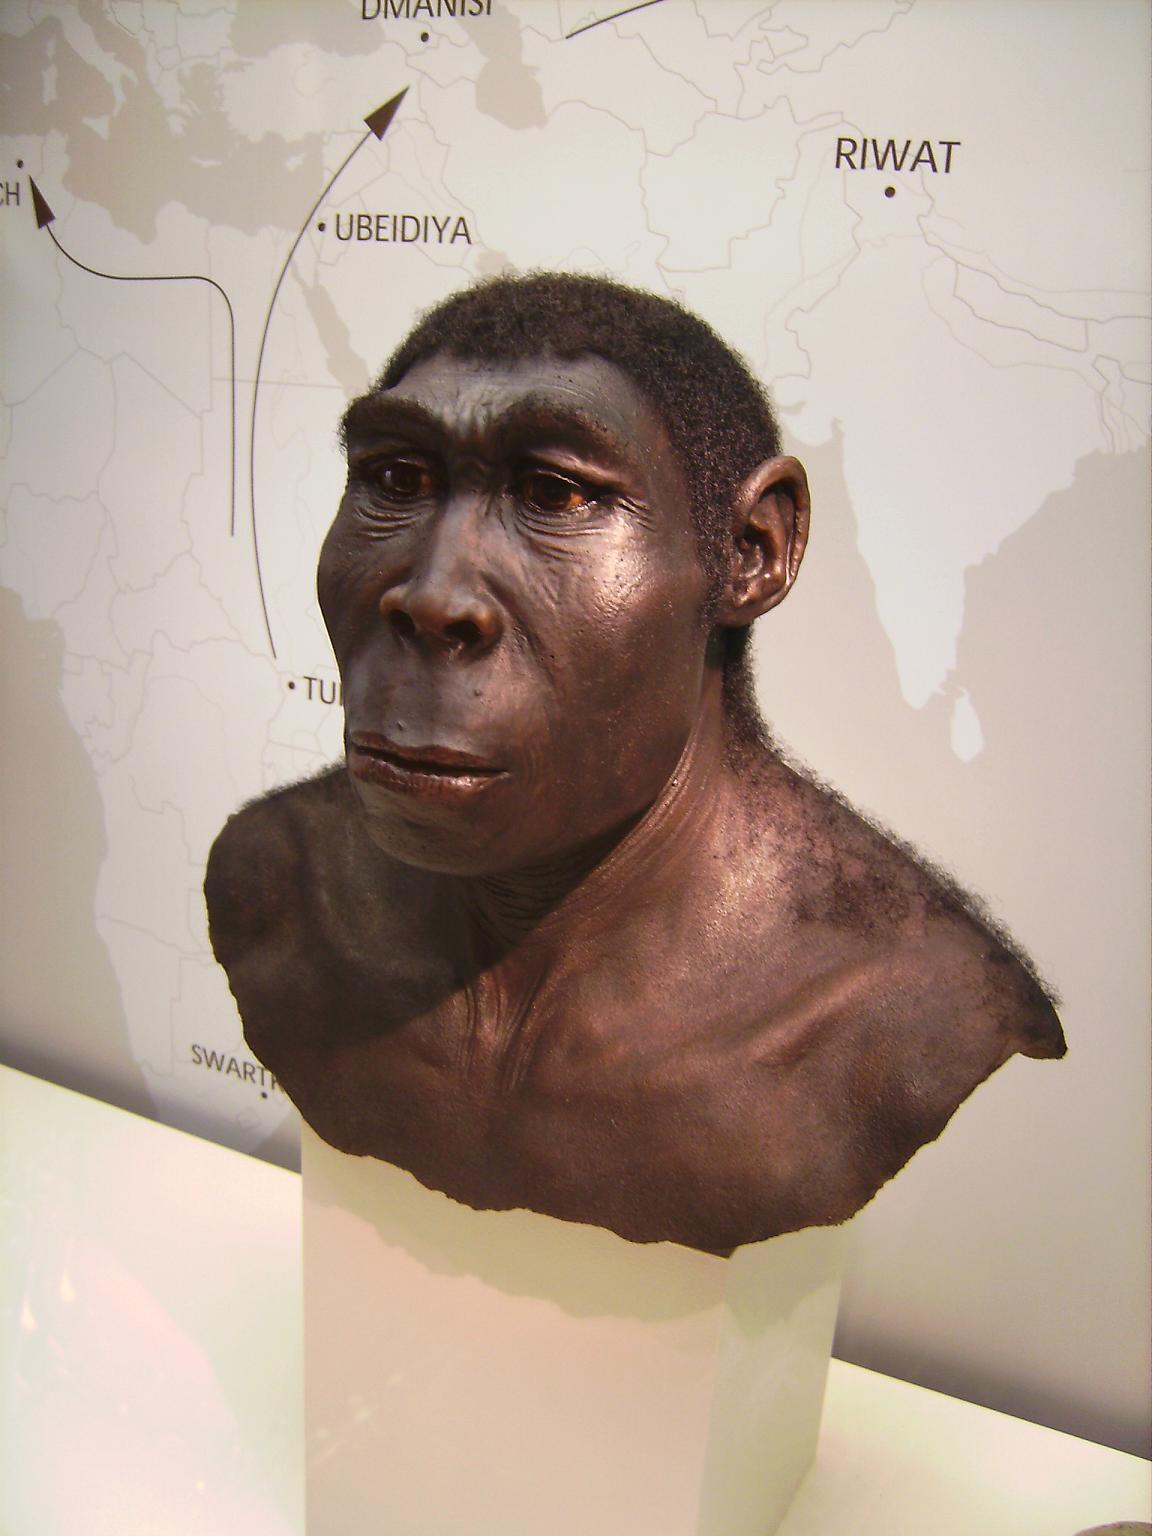 7 сокрушительных провалов палеонтологии. Ложь и фейки науки. Разоблачение учёных и научного обмана